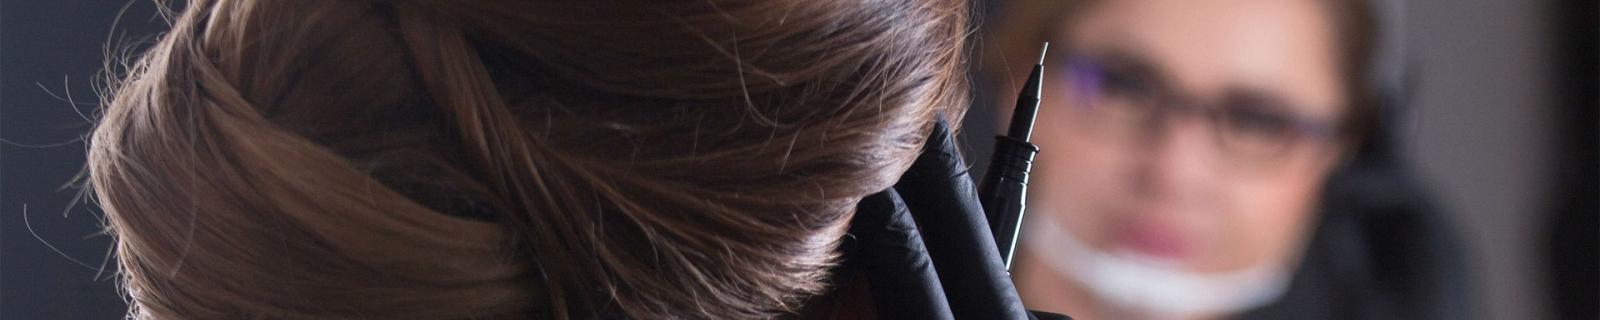 Mikropigmentacja brodawki piersiowej szkolenie